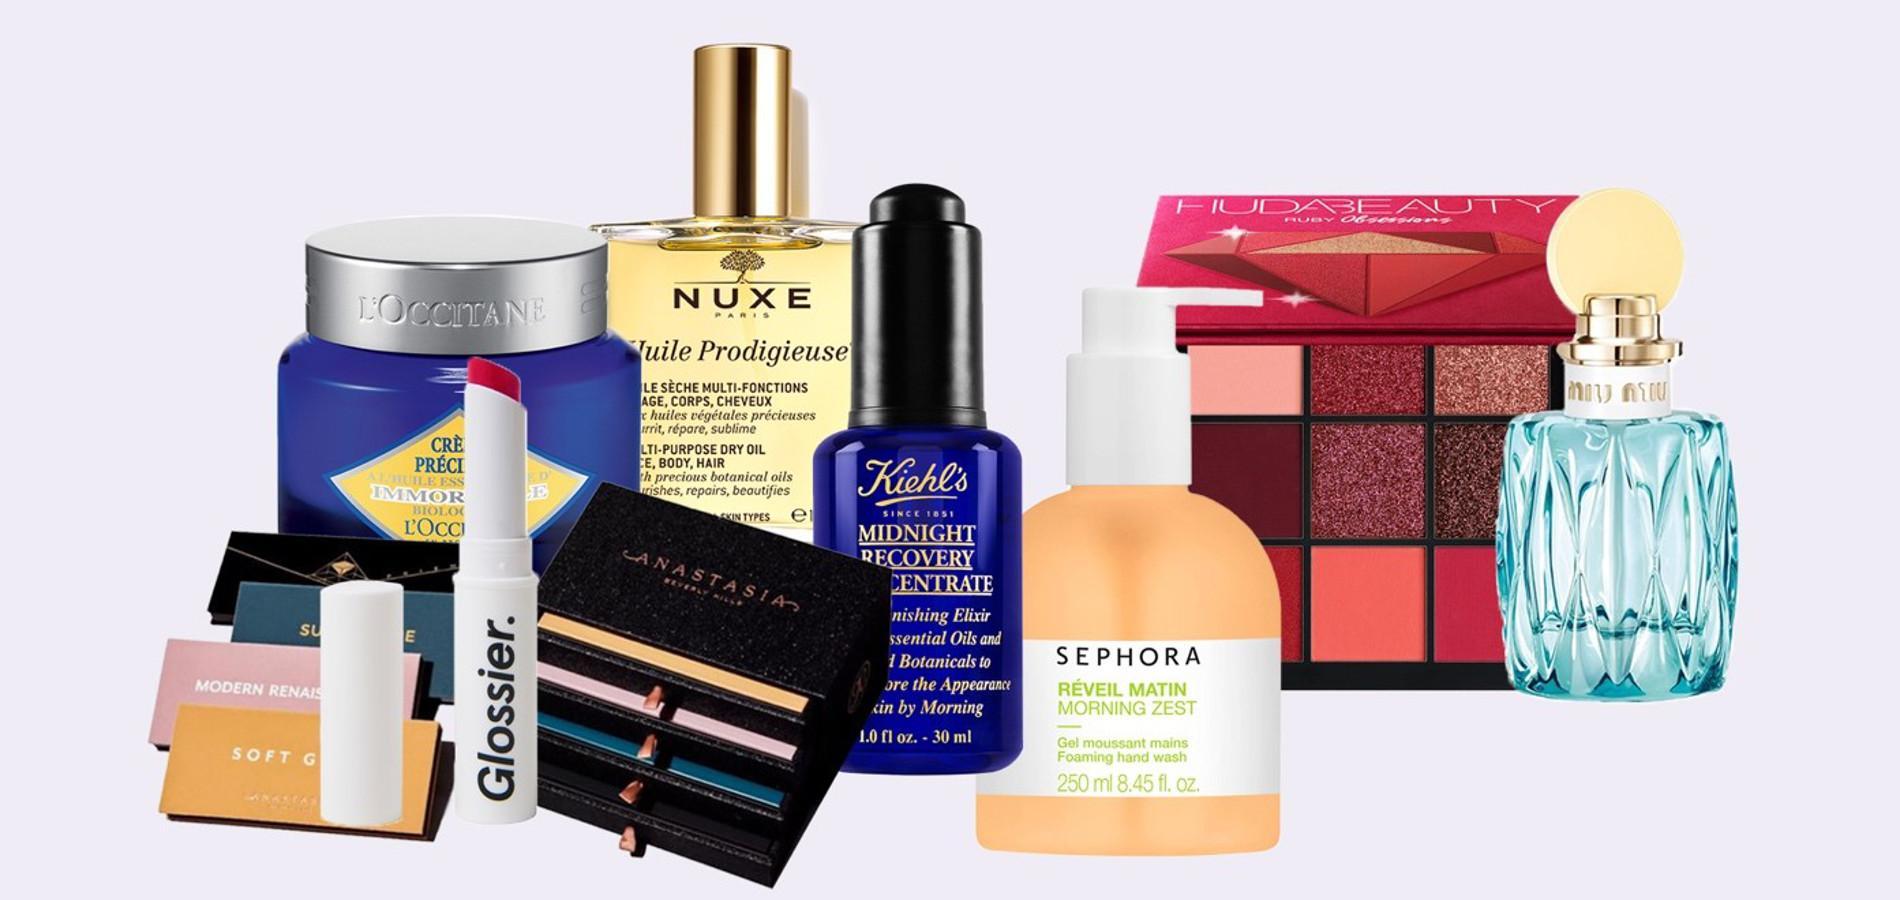 Sephora Nuxe Glossier Les Meilleures Promotions Beauté